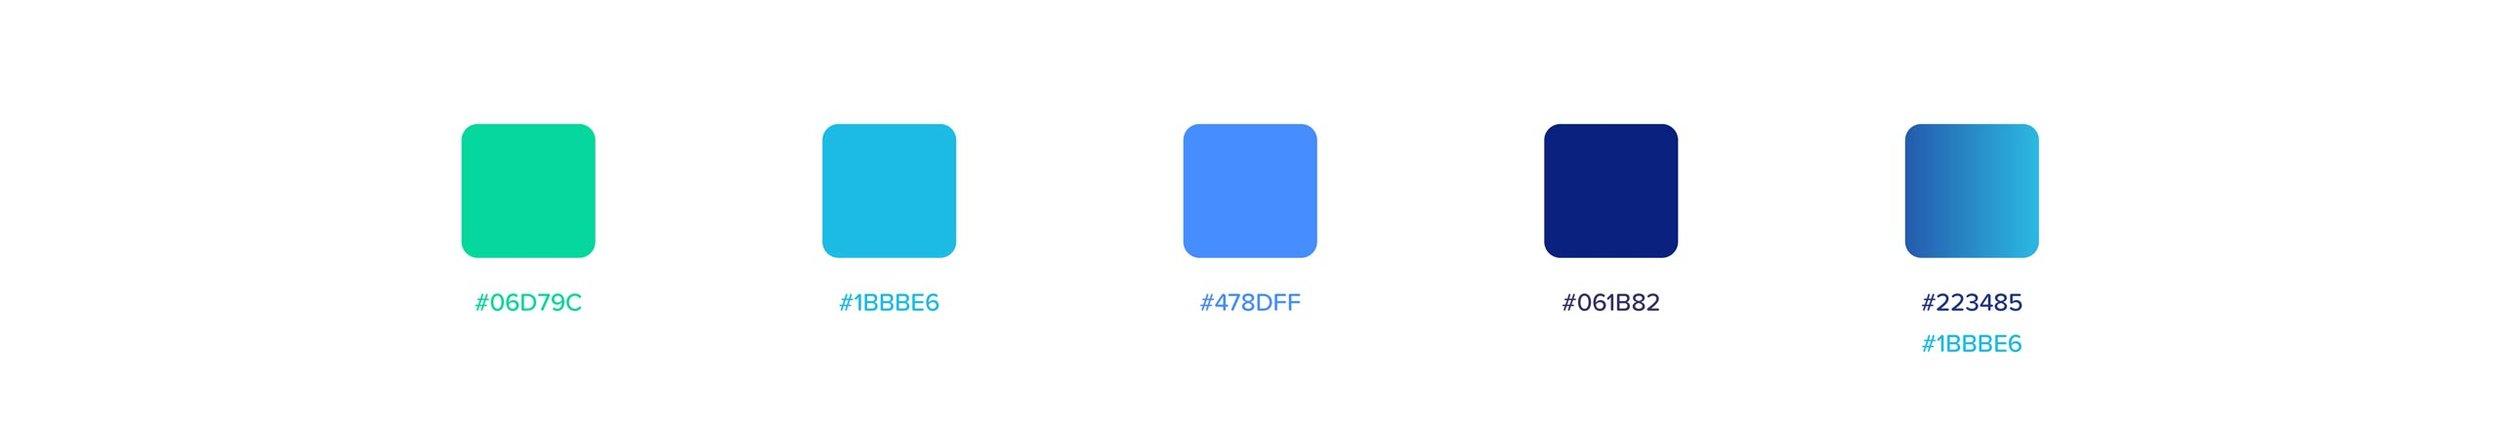 portfolio-codify-v1.1-02.jpg